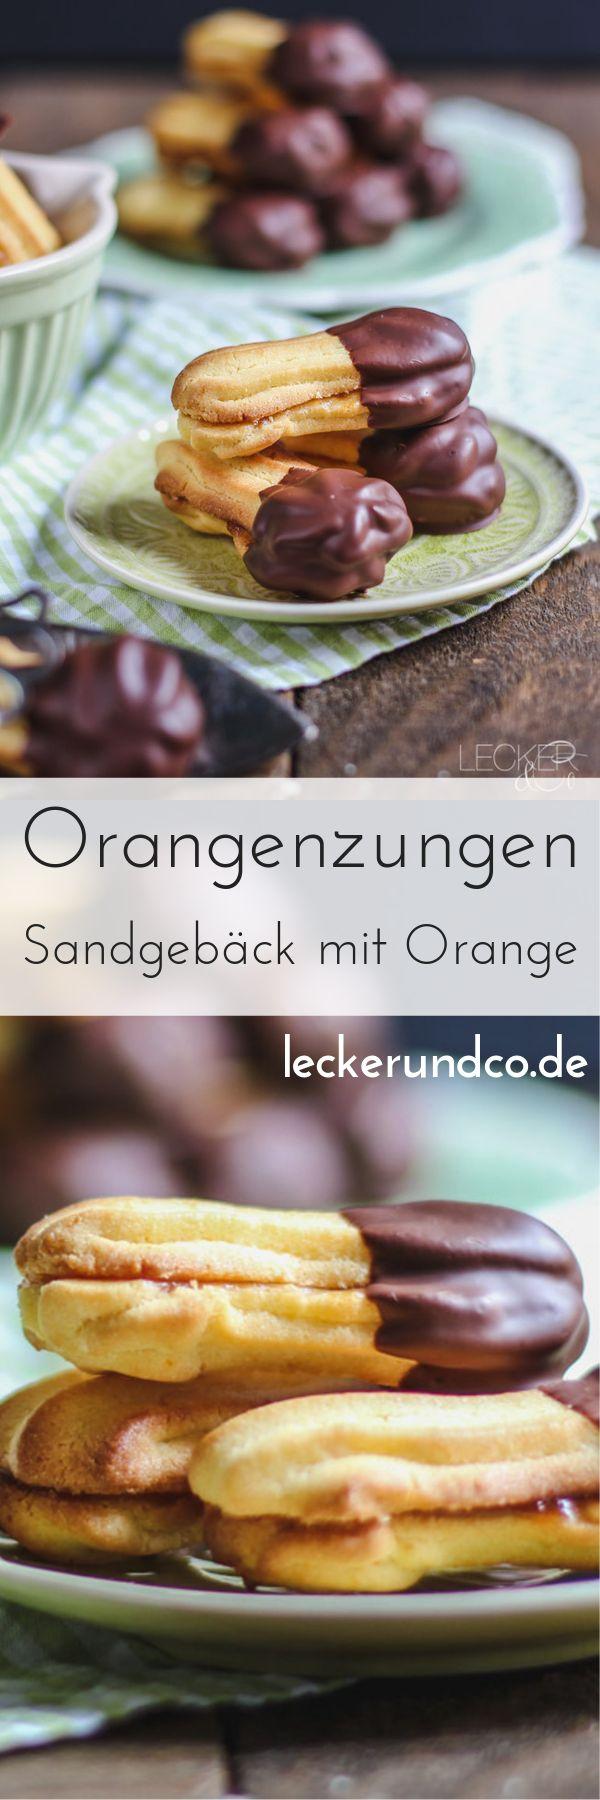 Orangenzungen   Sandgebäck